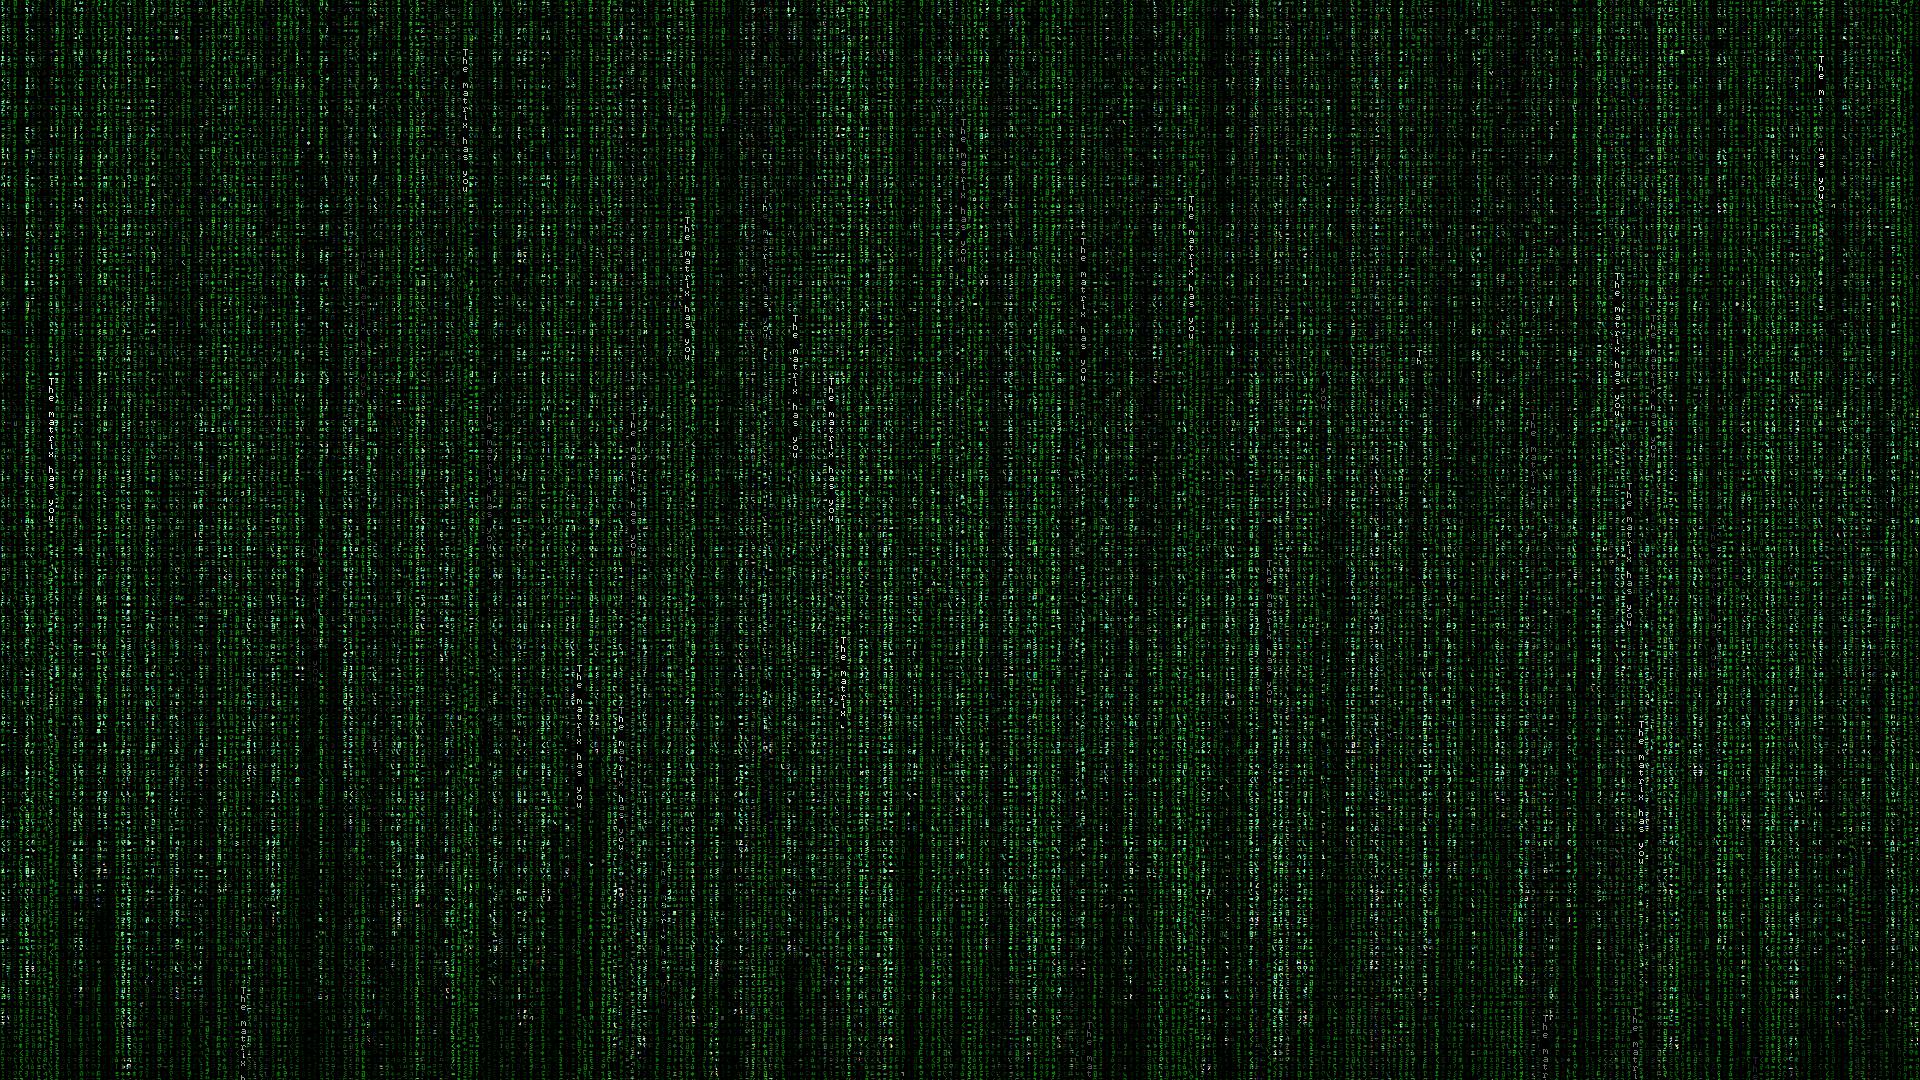 电影 - 黑客帝国  绿色 Hacking 壁纸